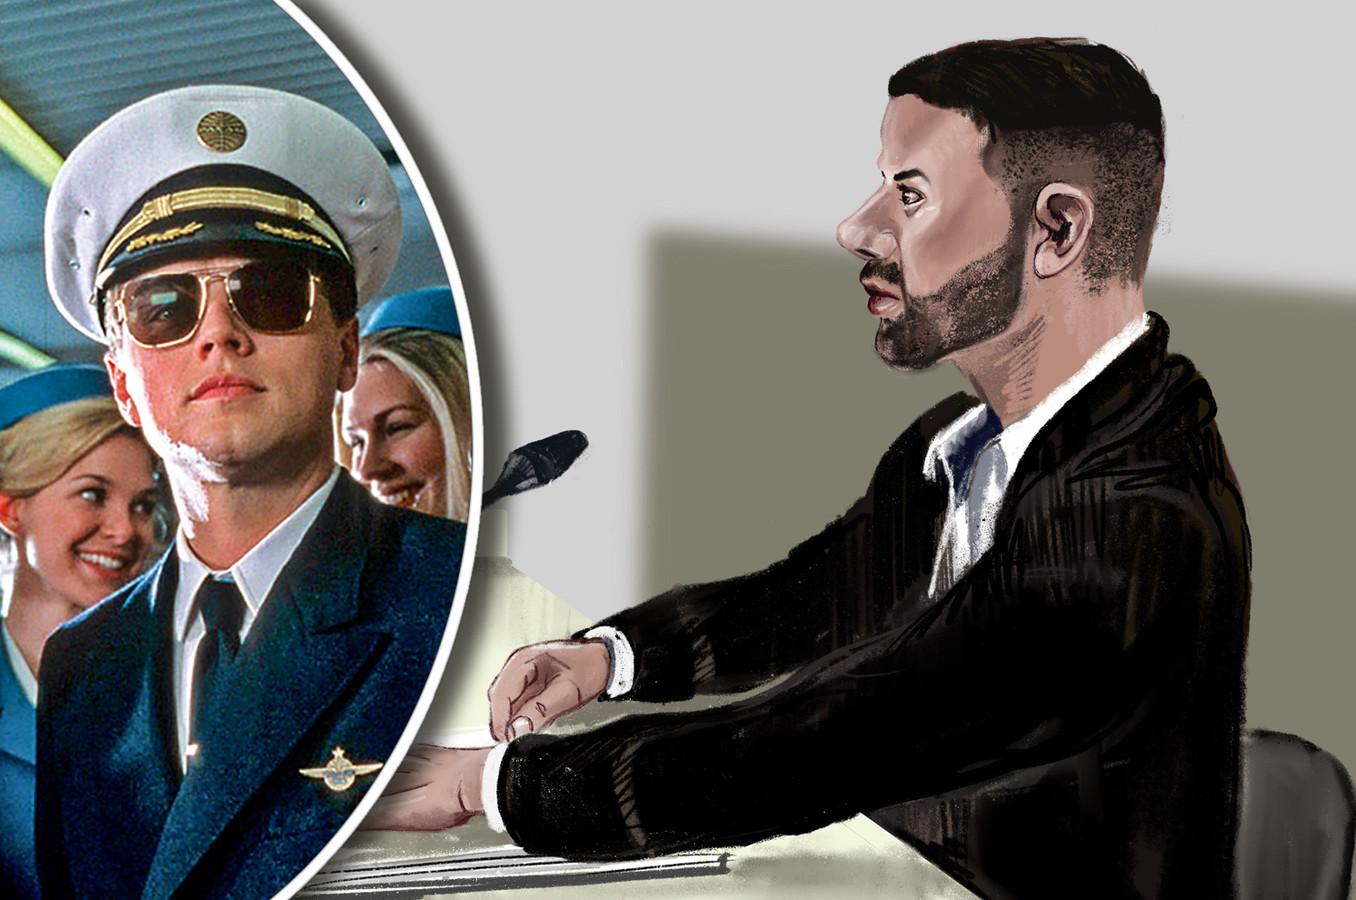 Przemyslaw N. in de rechtbank. Links Leonardo DiCaprio in zijn rol als meesteroplichter in de film Catch Me If You Can.